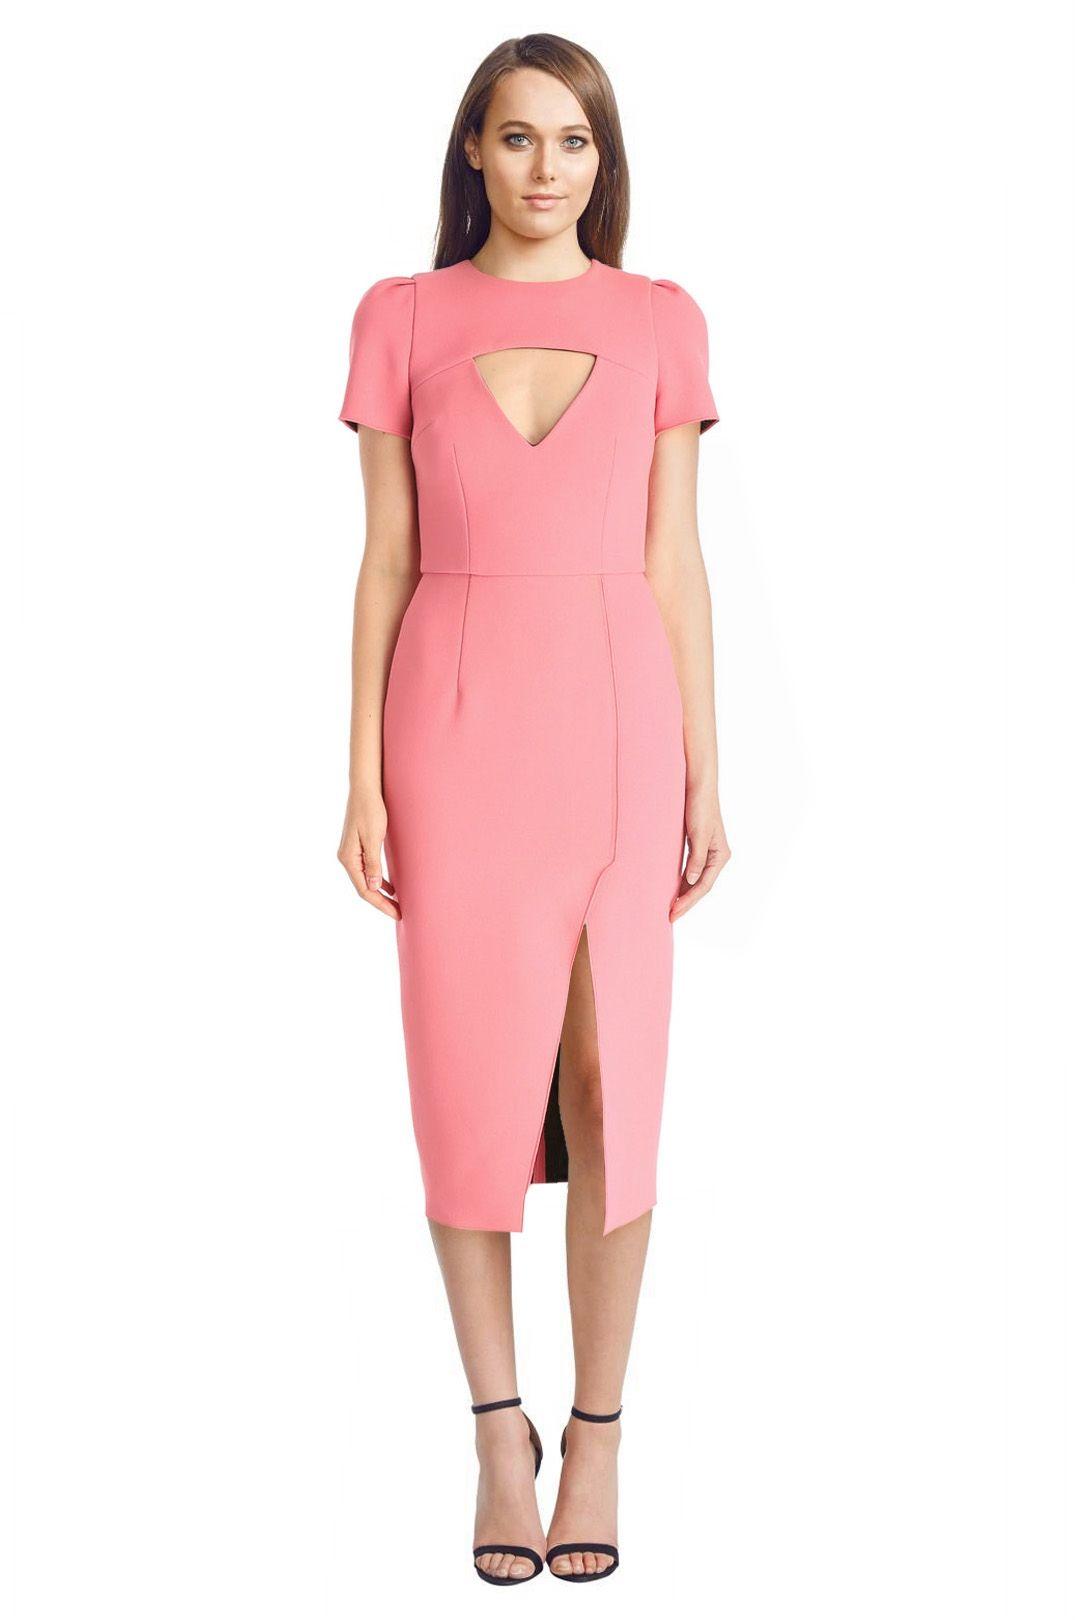 Yeojin Bae - Double Crepe Amelia Dress - Pink - Front